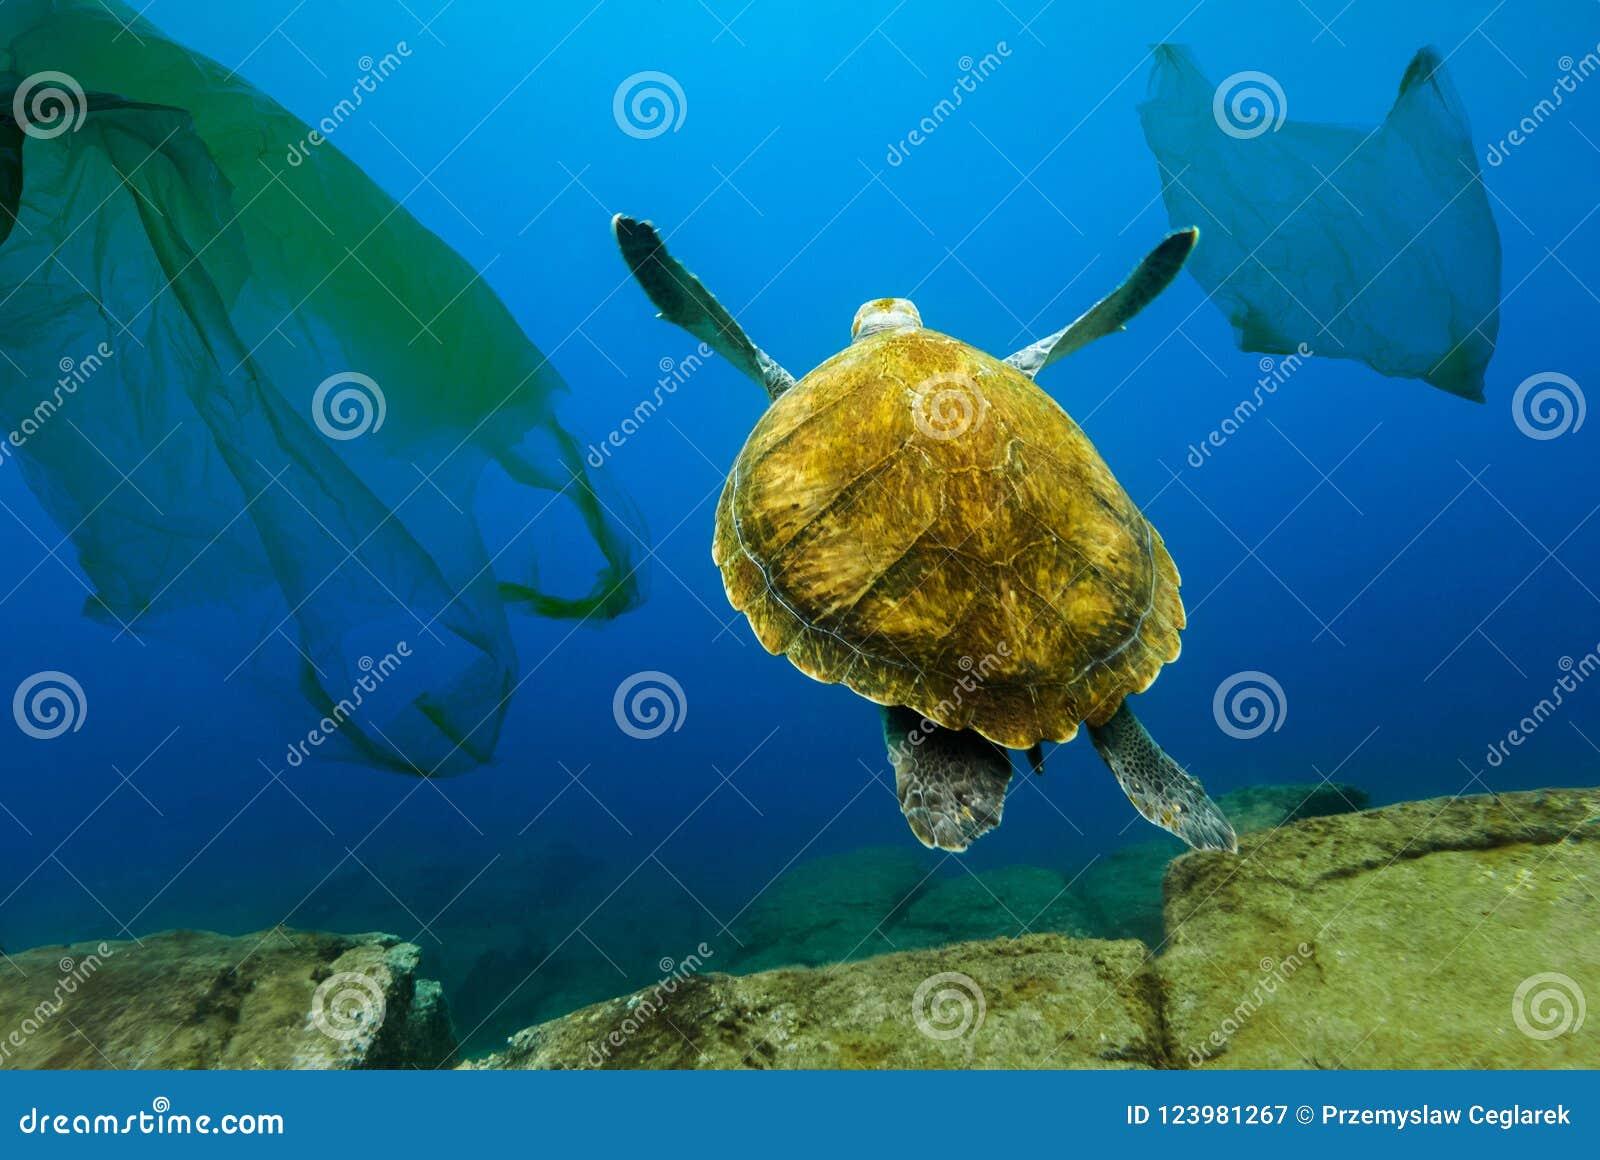 Tortuga subacuática que flota entre las bolsas de plástico Concepto de contaminación del ambiente del agua